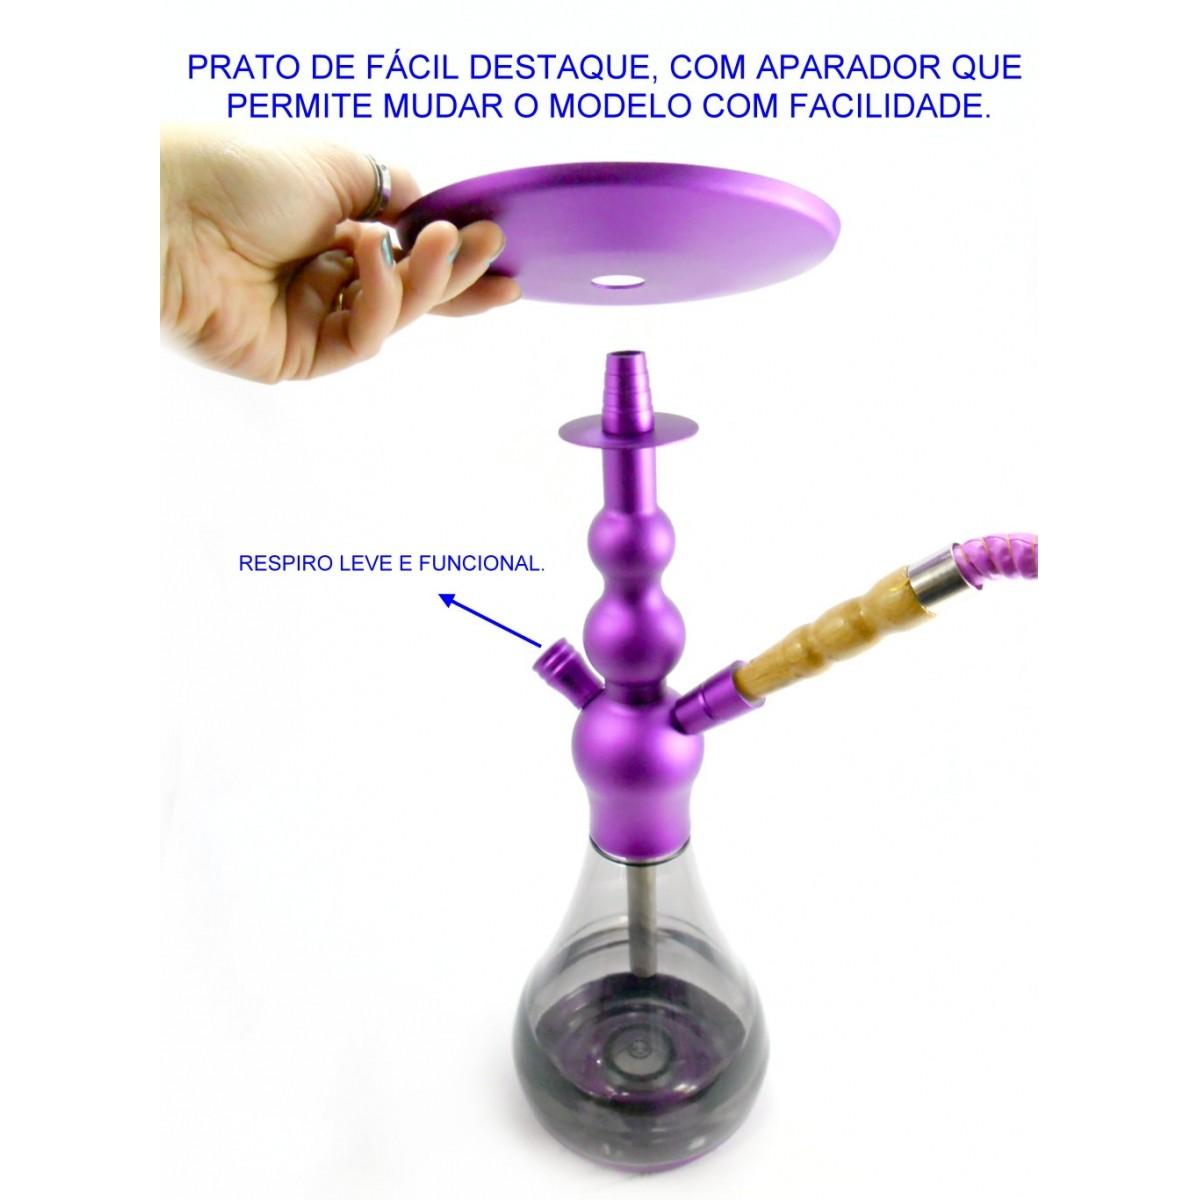 Narguile YAHYA 42 cm, em ALUMÍNIO VERDE, inoxidável. Vaso ACRÍLICO fumê. 1 mangueira. mod. MV42_ALUMCOLOR_Y13_1S-VERDE